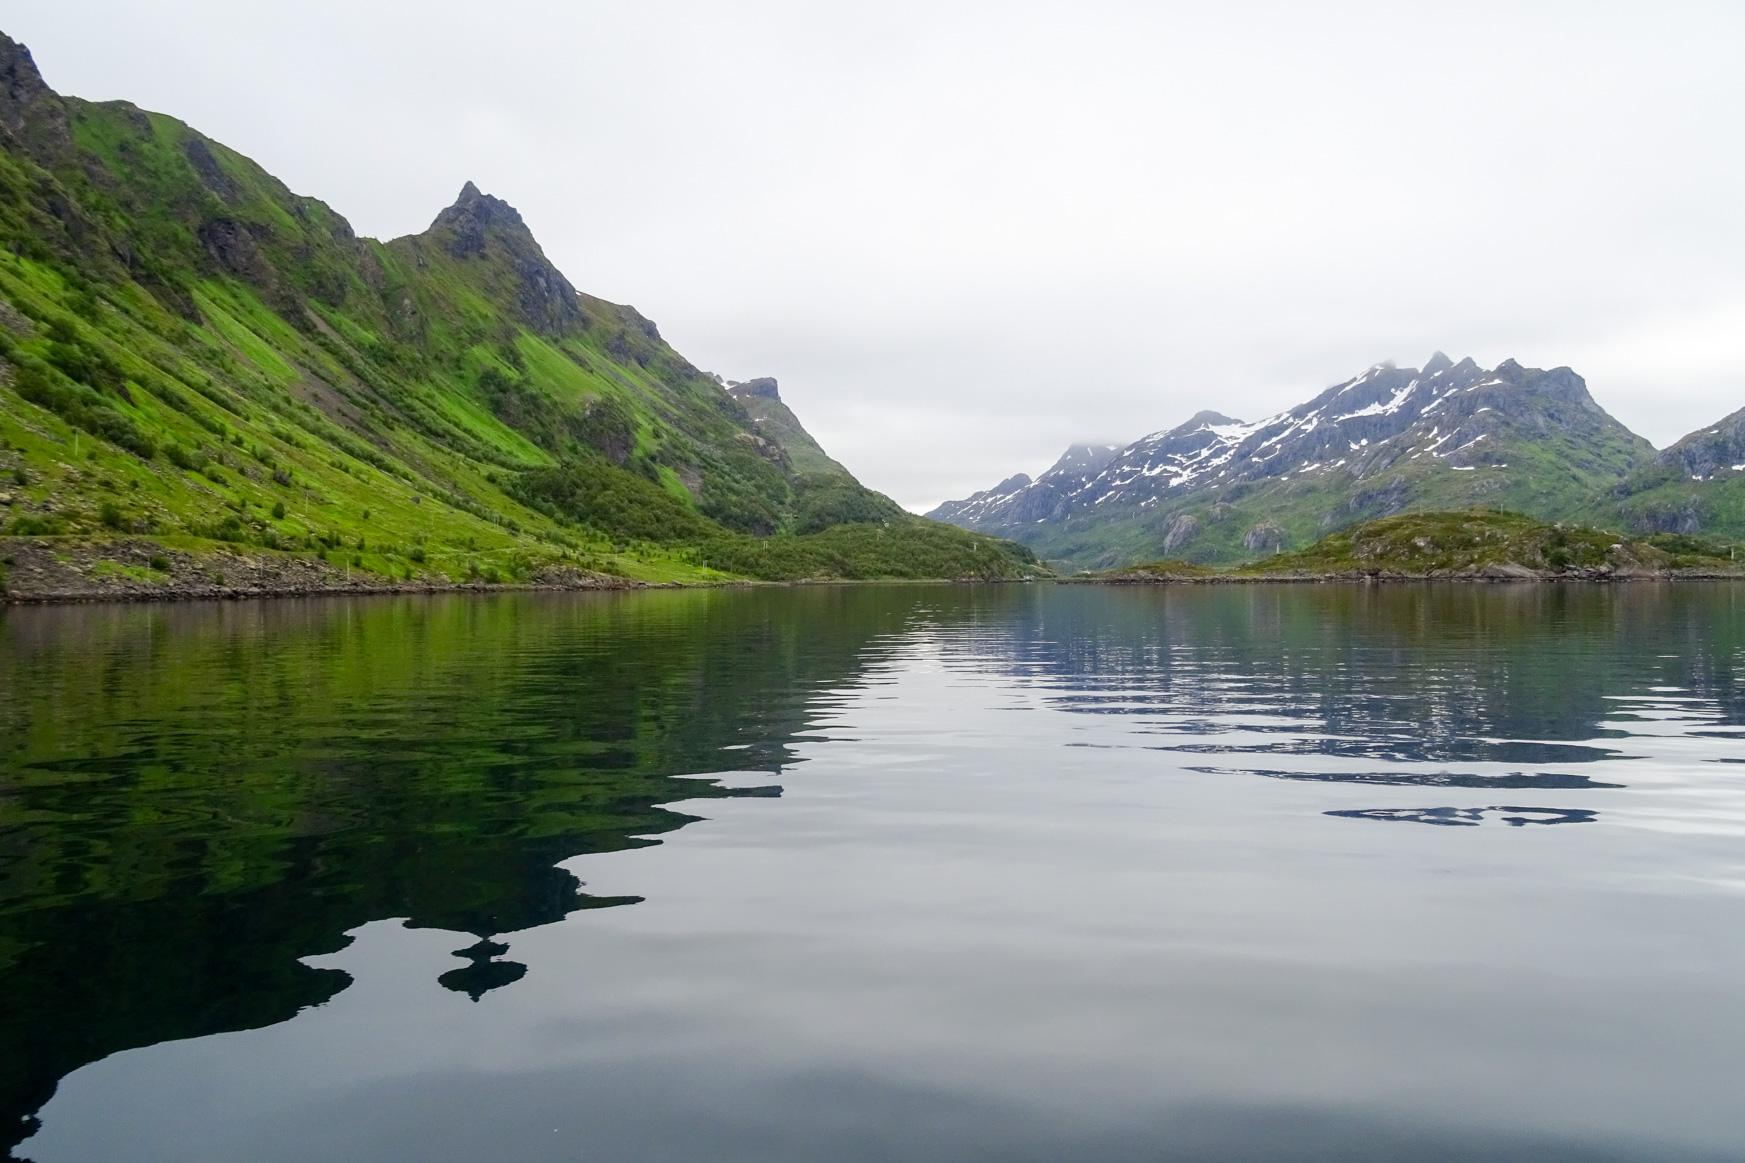 Ansteuerung Ingelsfjorden